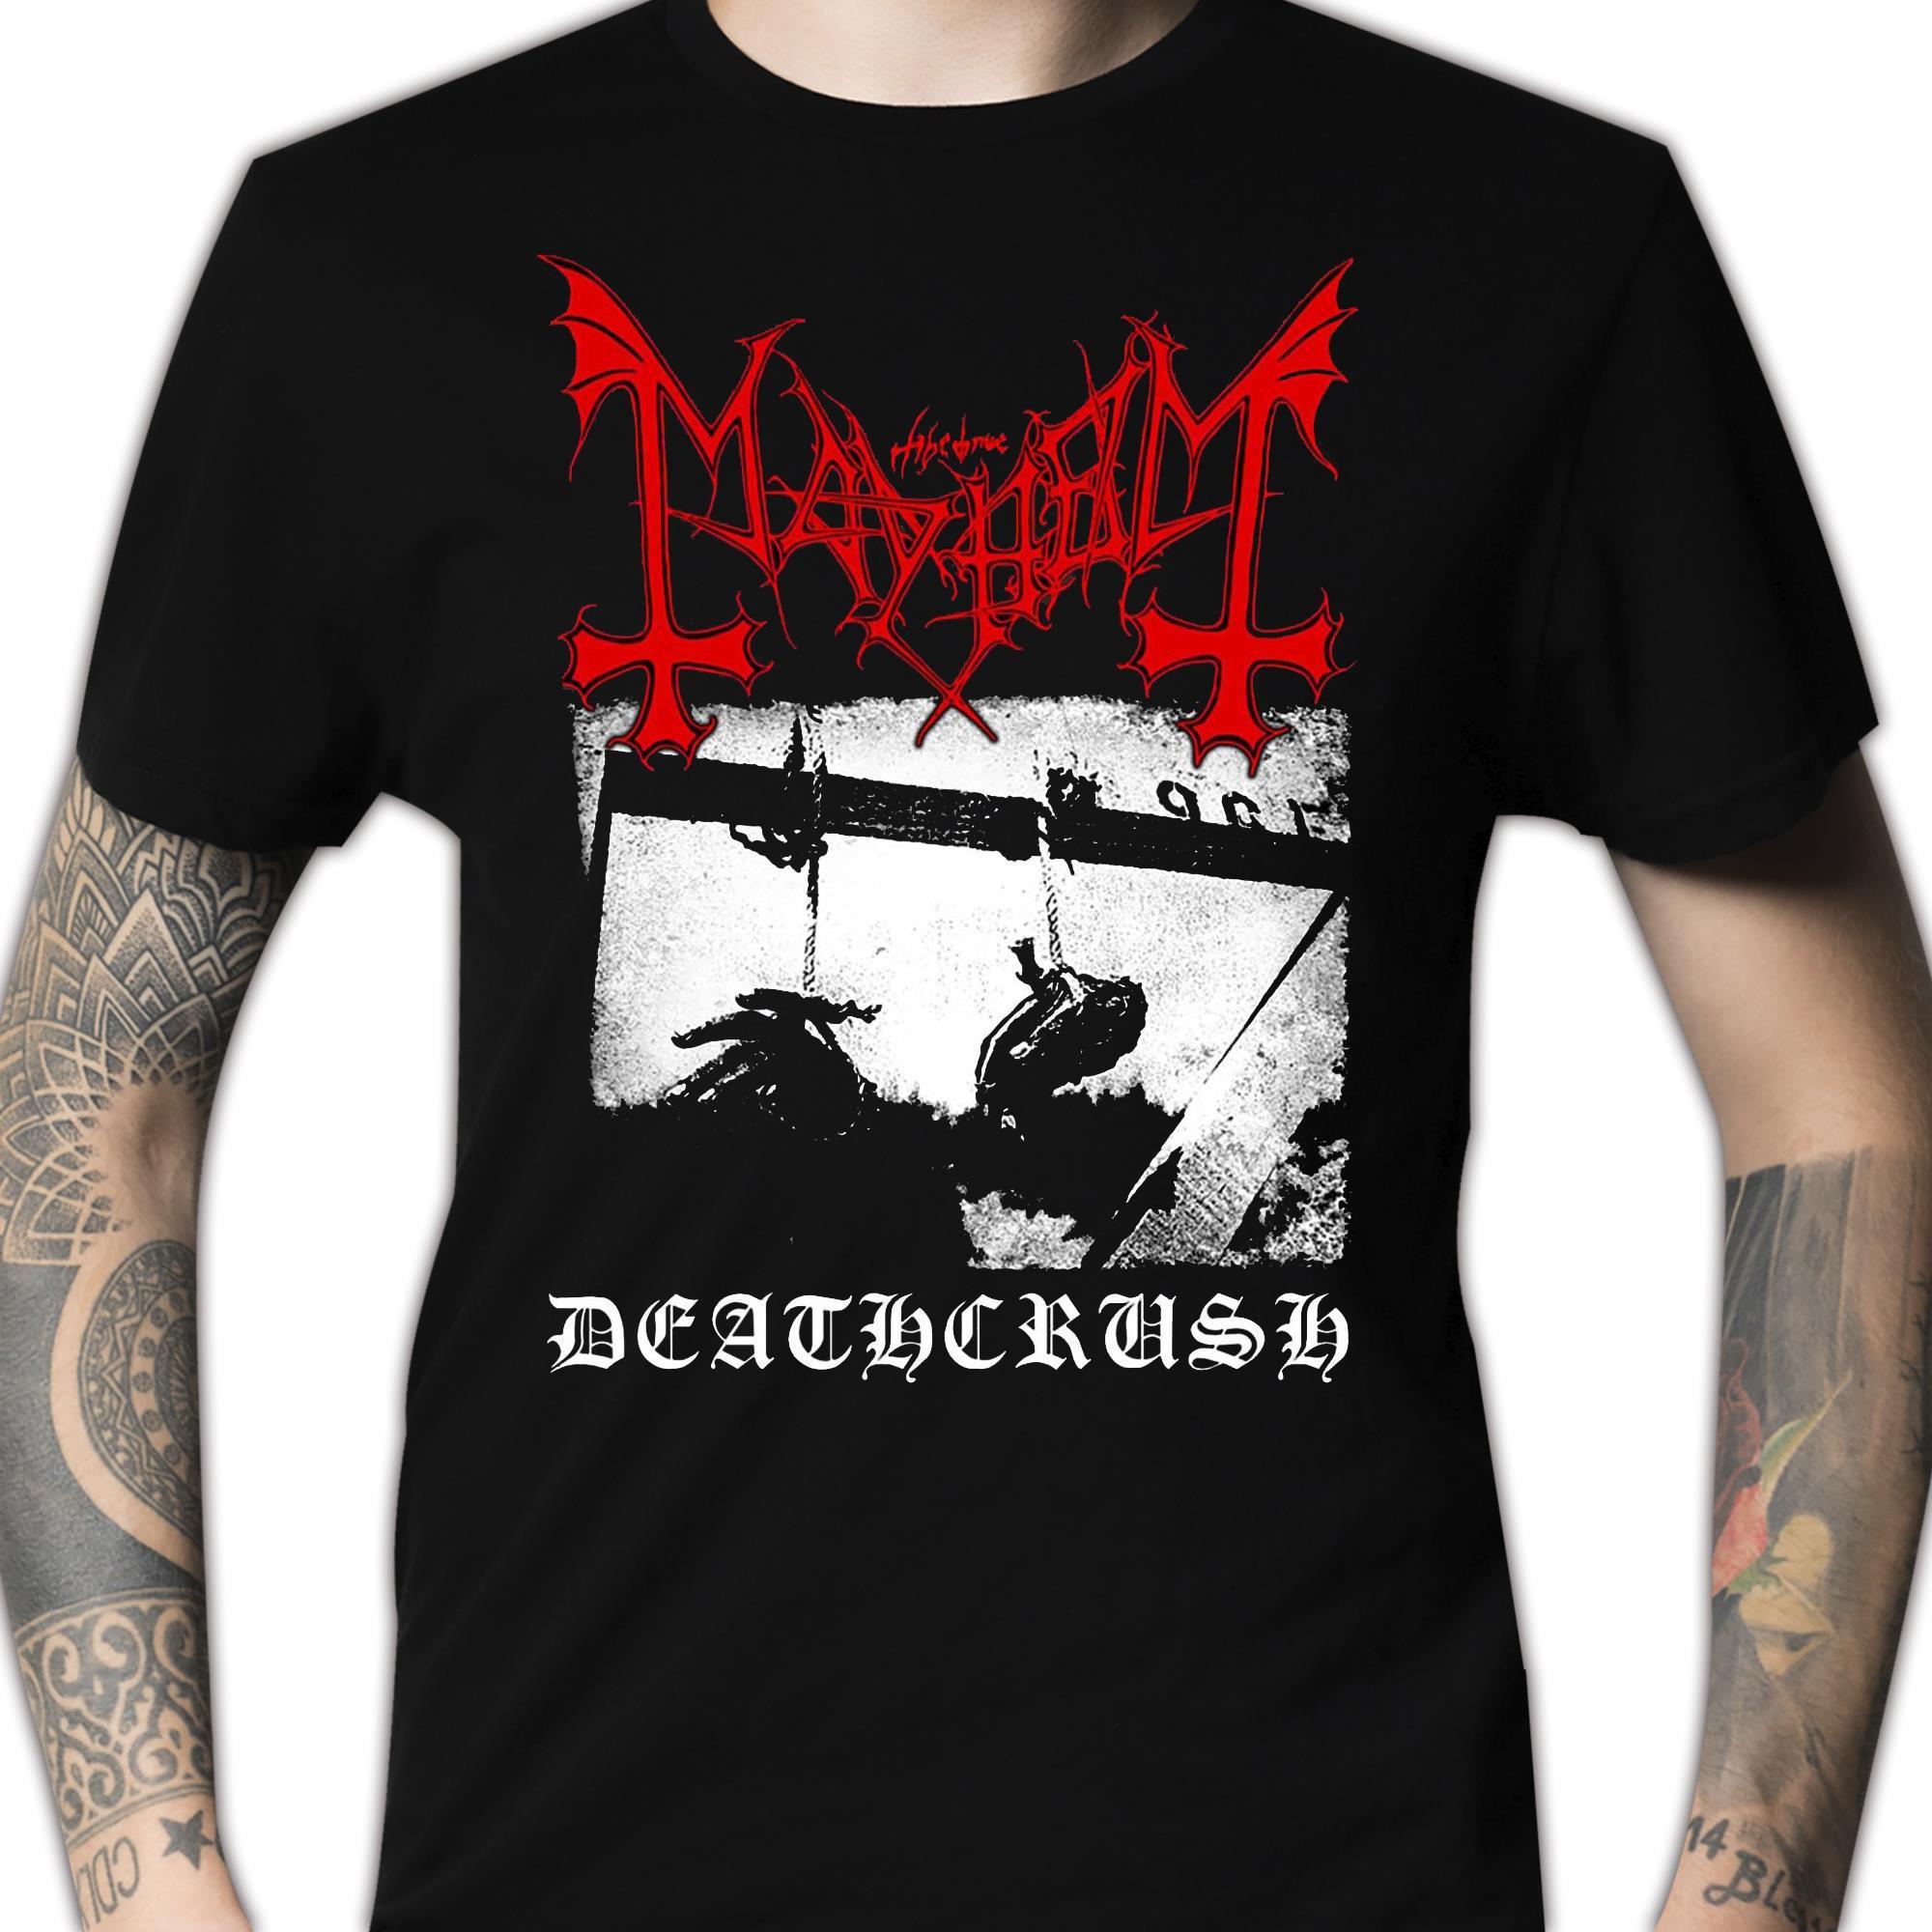 Deathcrush (Import)